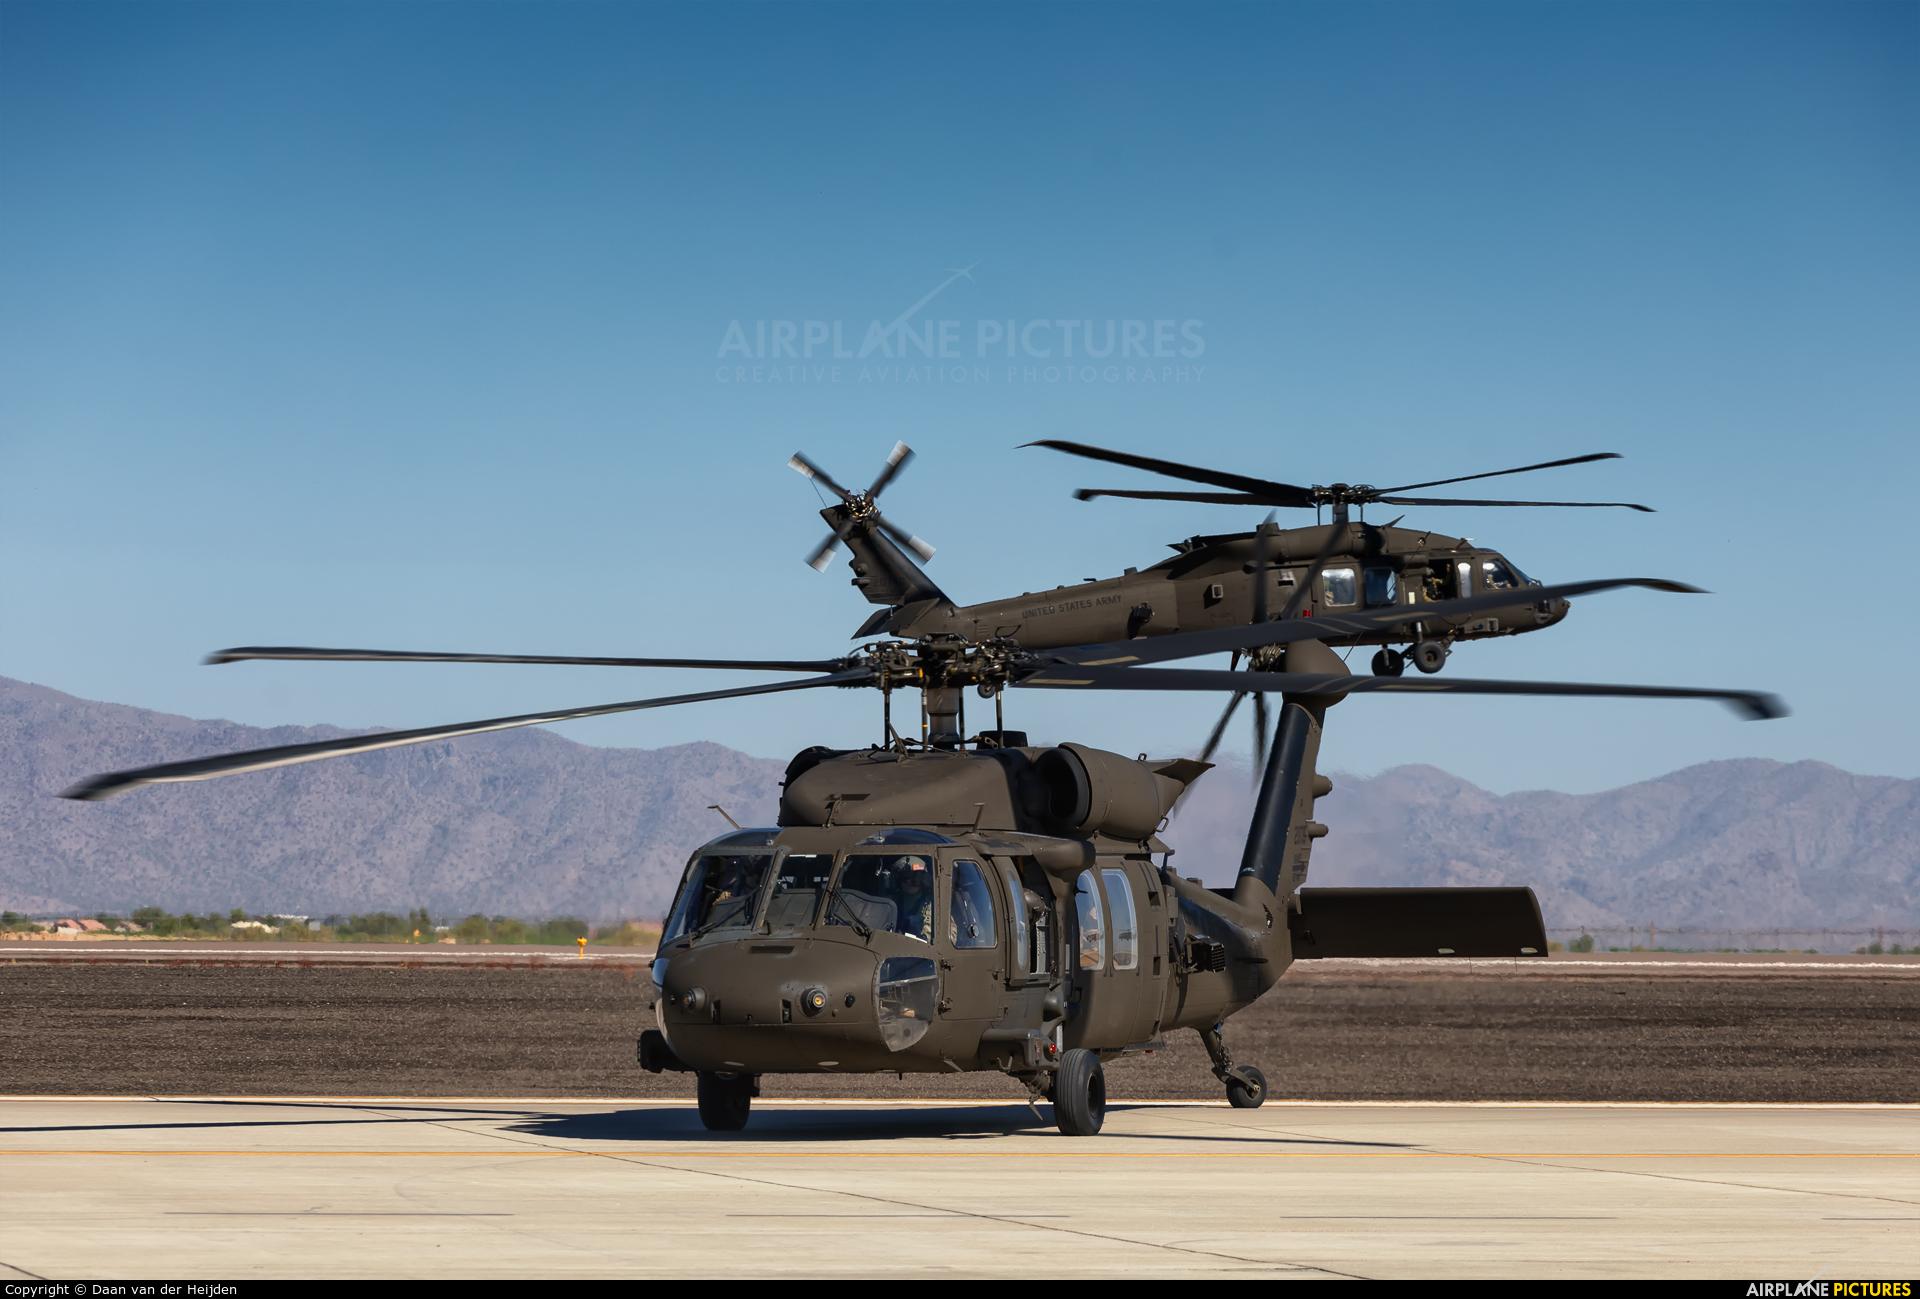 USA - Army 20735 aircraft at Phoenix - Goodyear